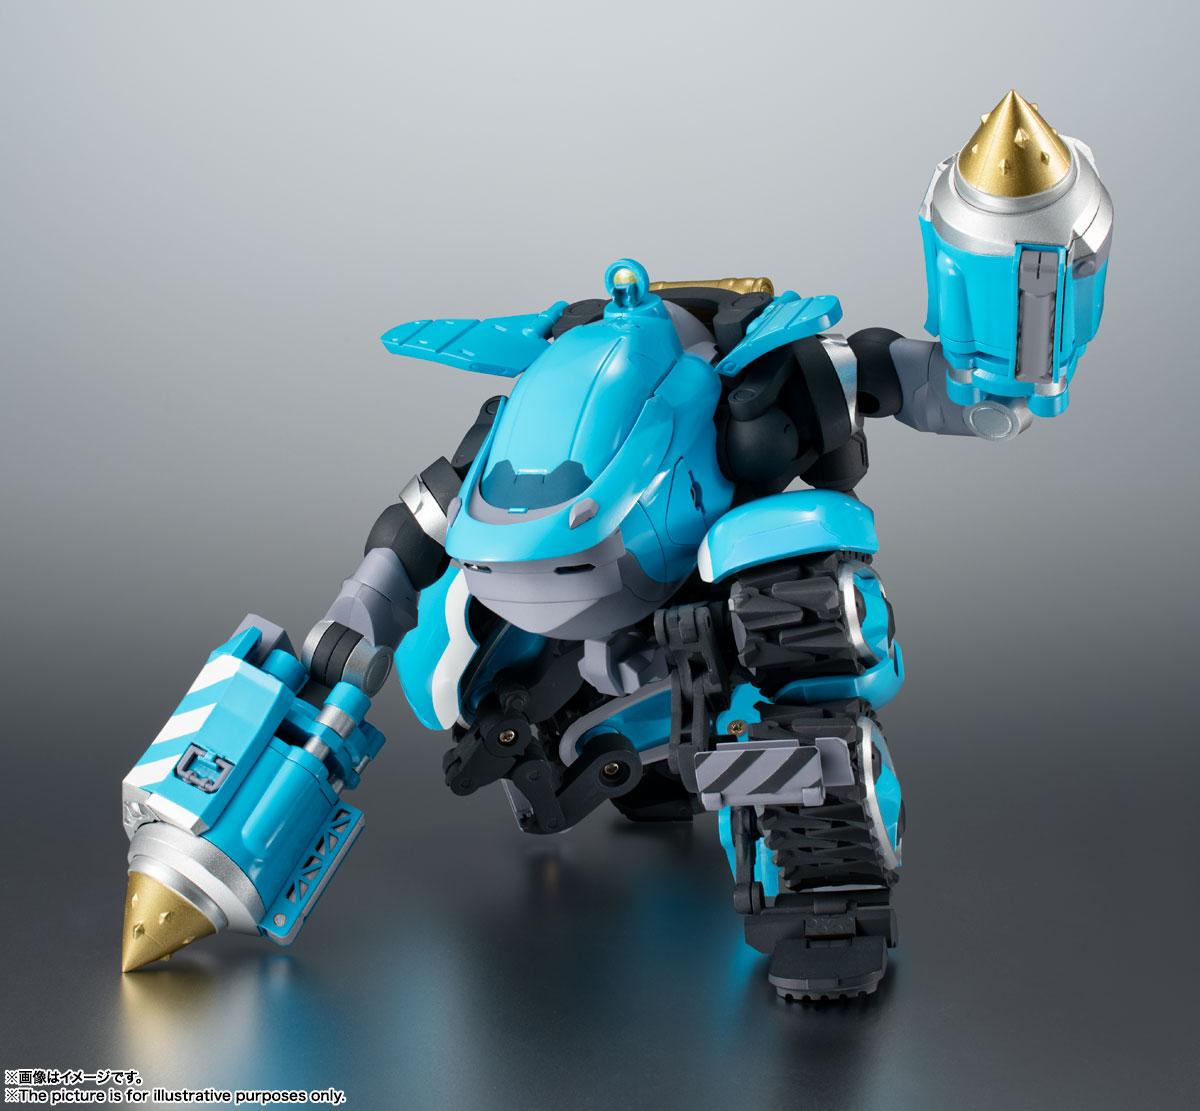 ROBOT魂〈SIDE MB〉『ビッグトニー』サクガン 可動フィギュア-006